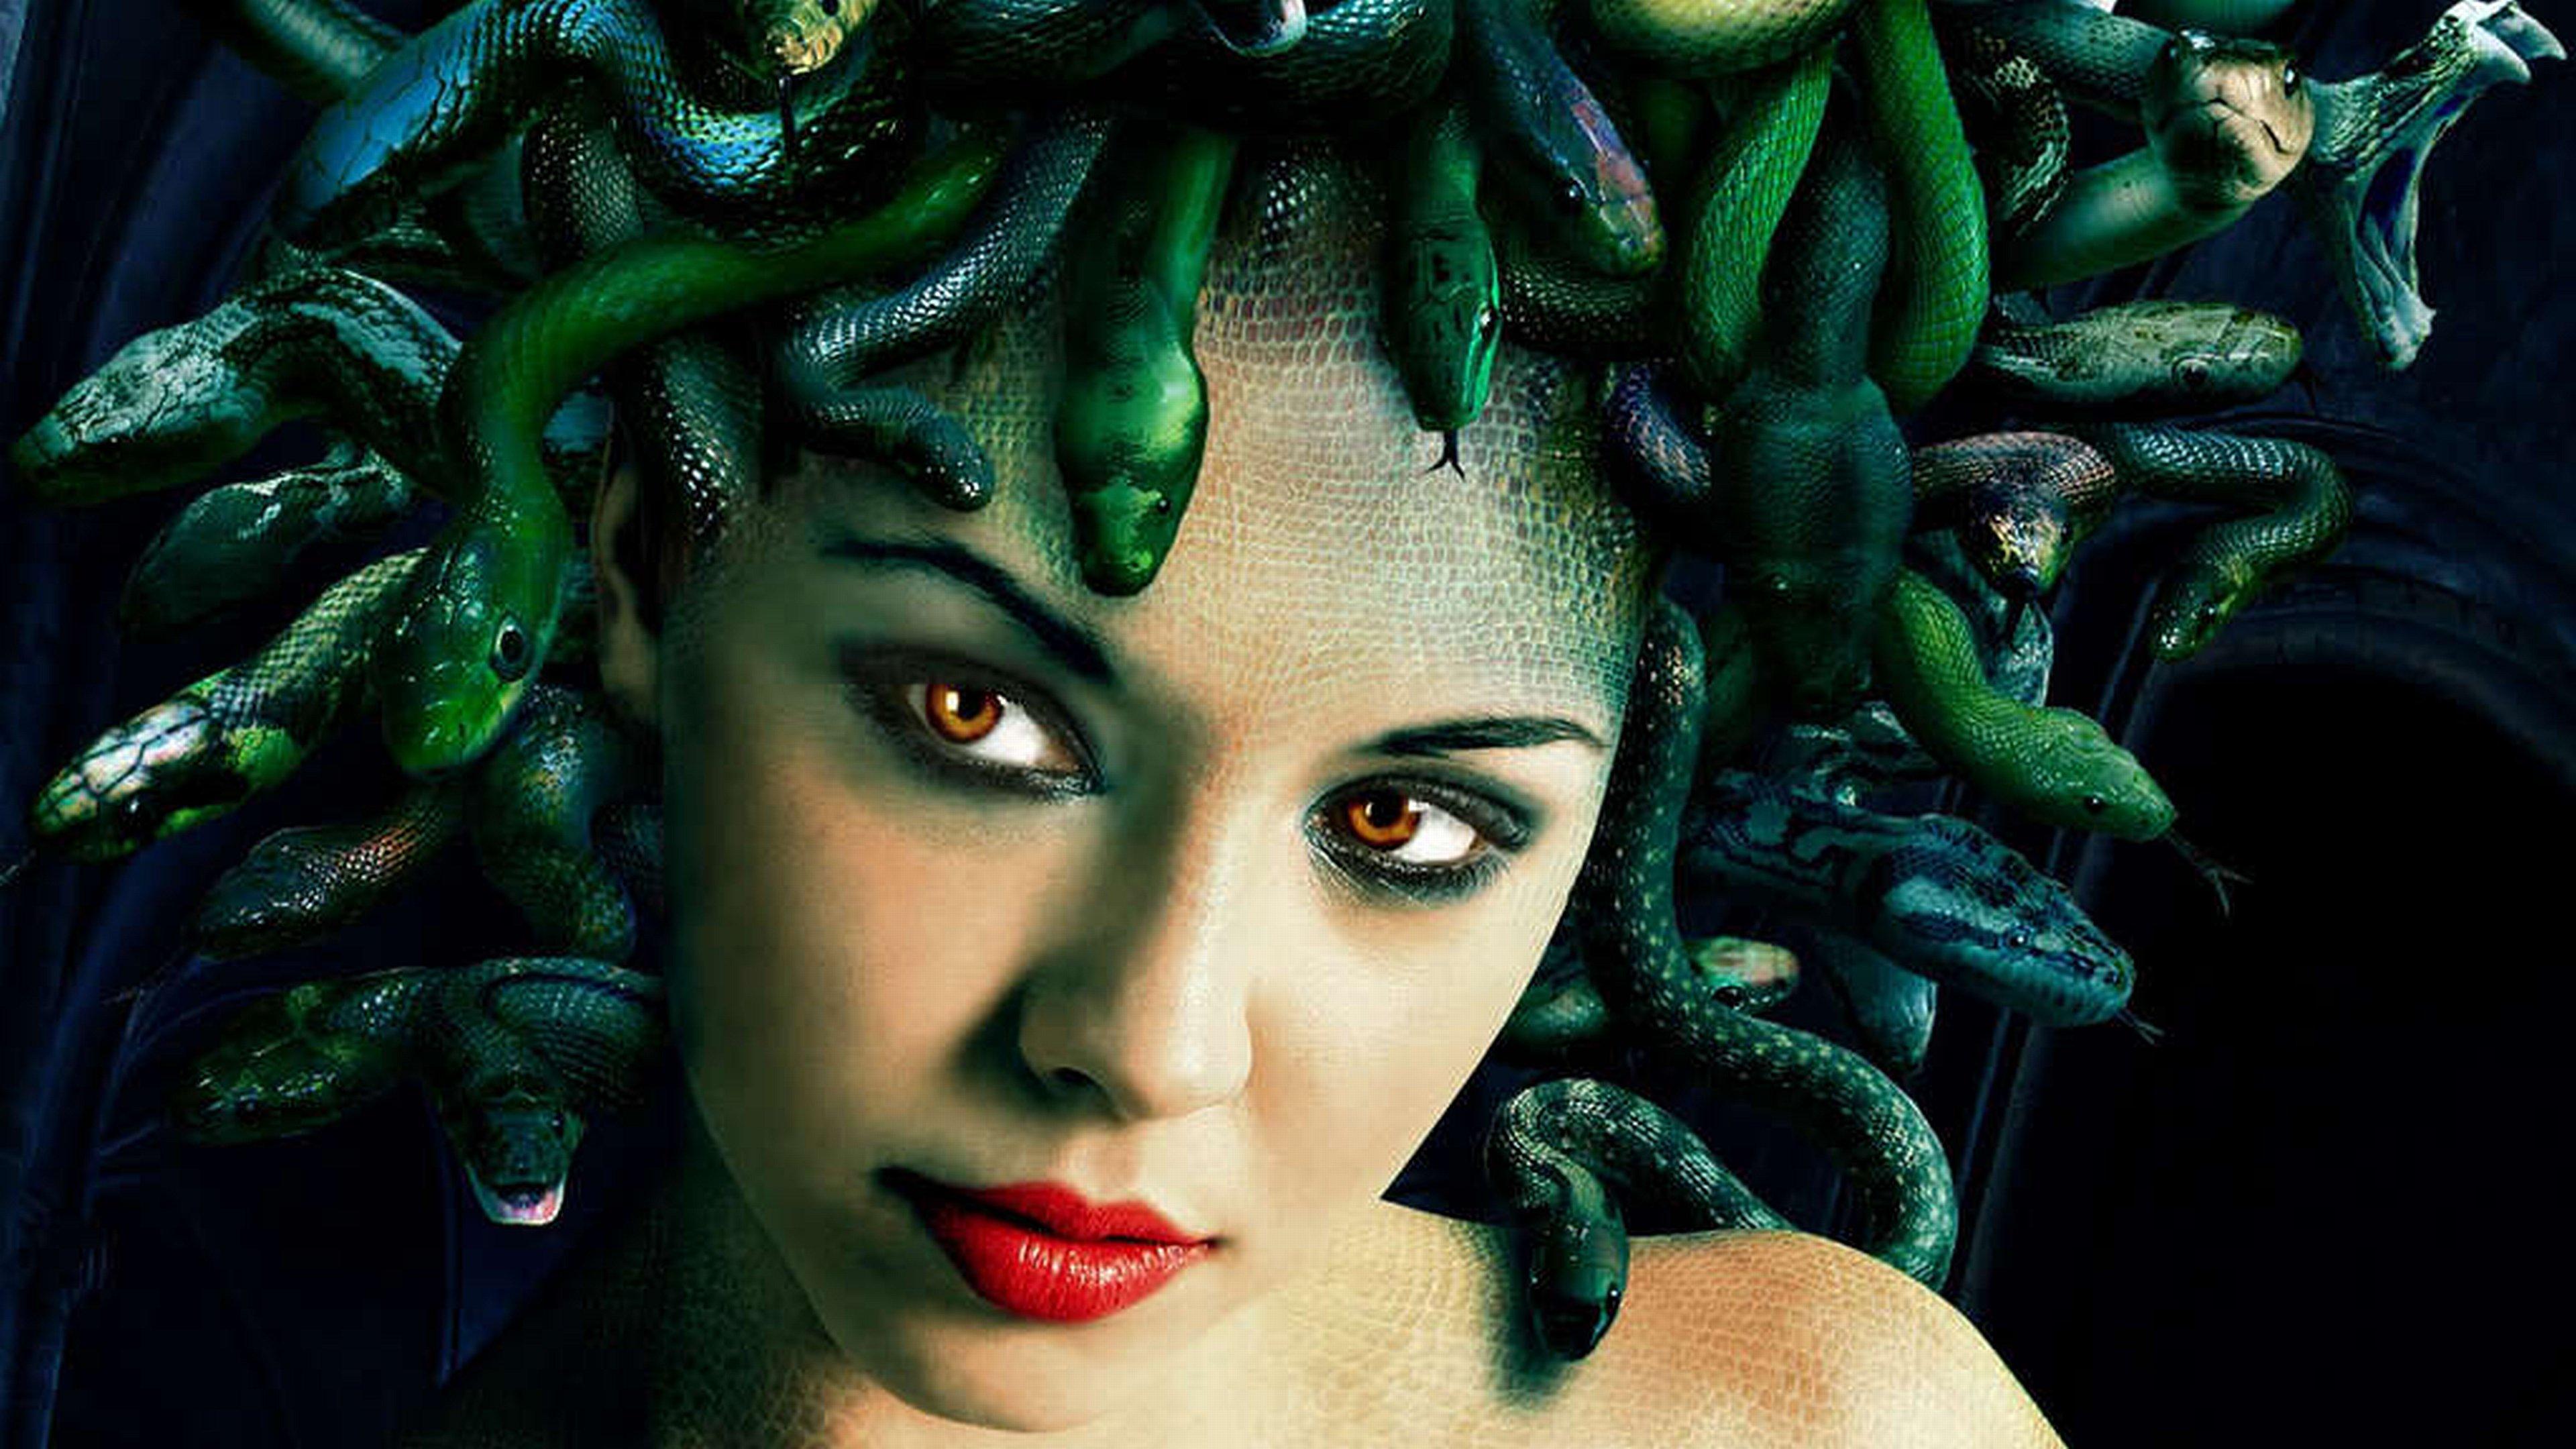 Medusa Wallpapers Hd For Desktop Backgrounds